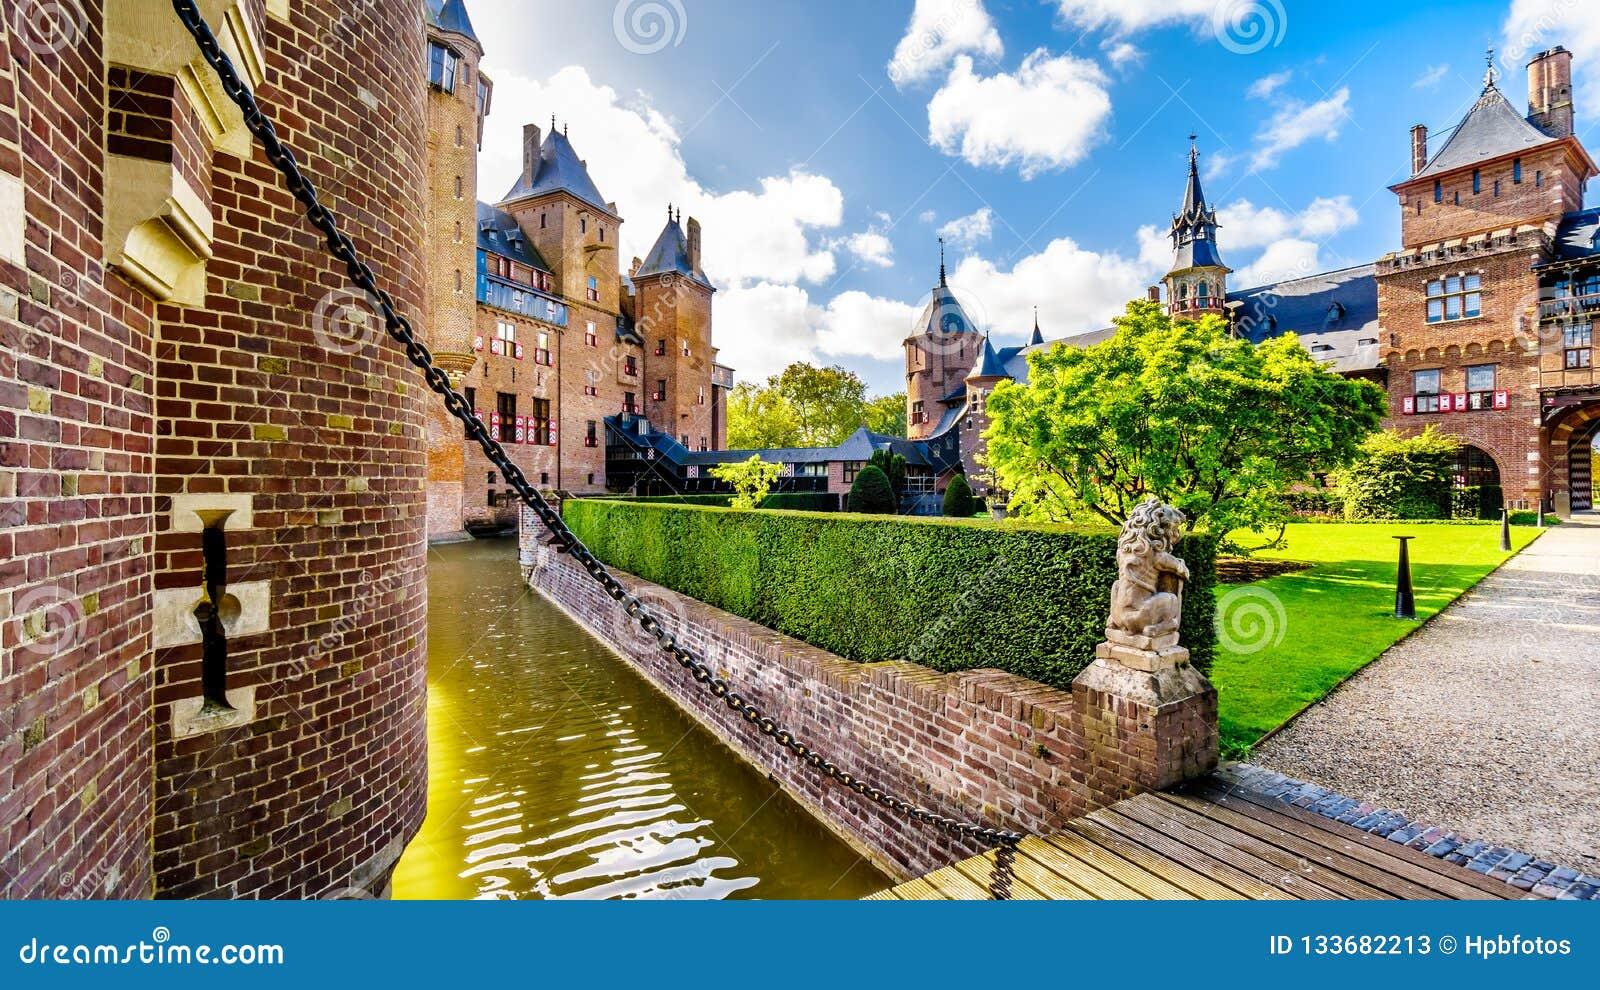 Bridge over the Moat surrounding Castle De Haar